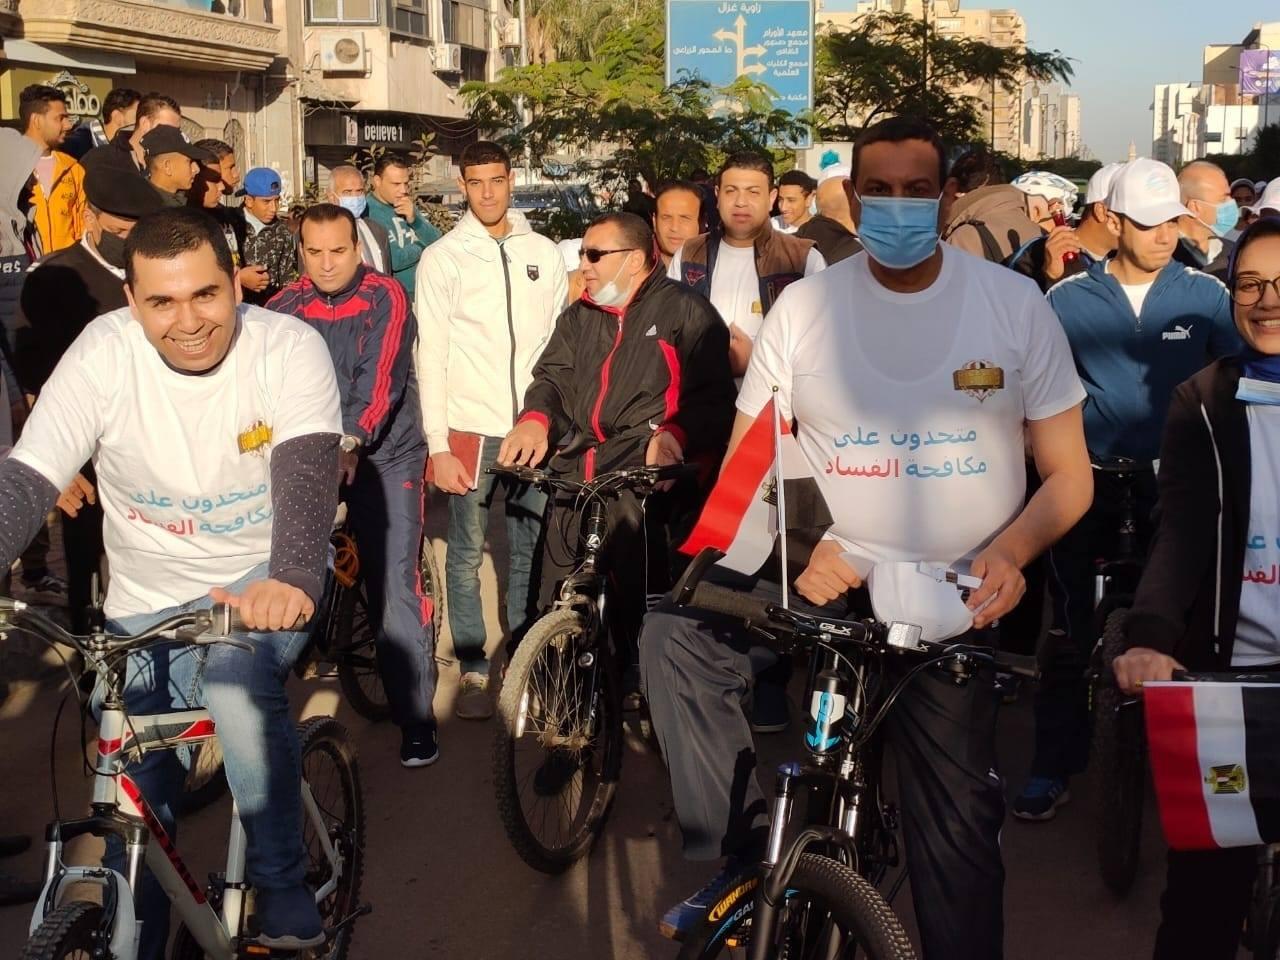 محافظ البحيرة يشارك بماراثون الدراجات والجري بمشاركة ٥٥٠ شاب وفتاة من طلائع مراكز الشباب .